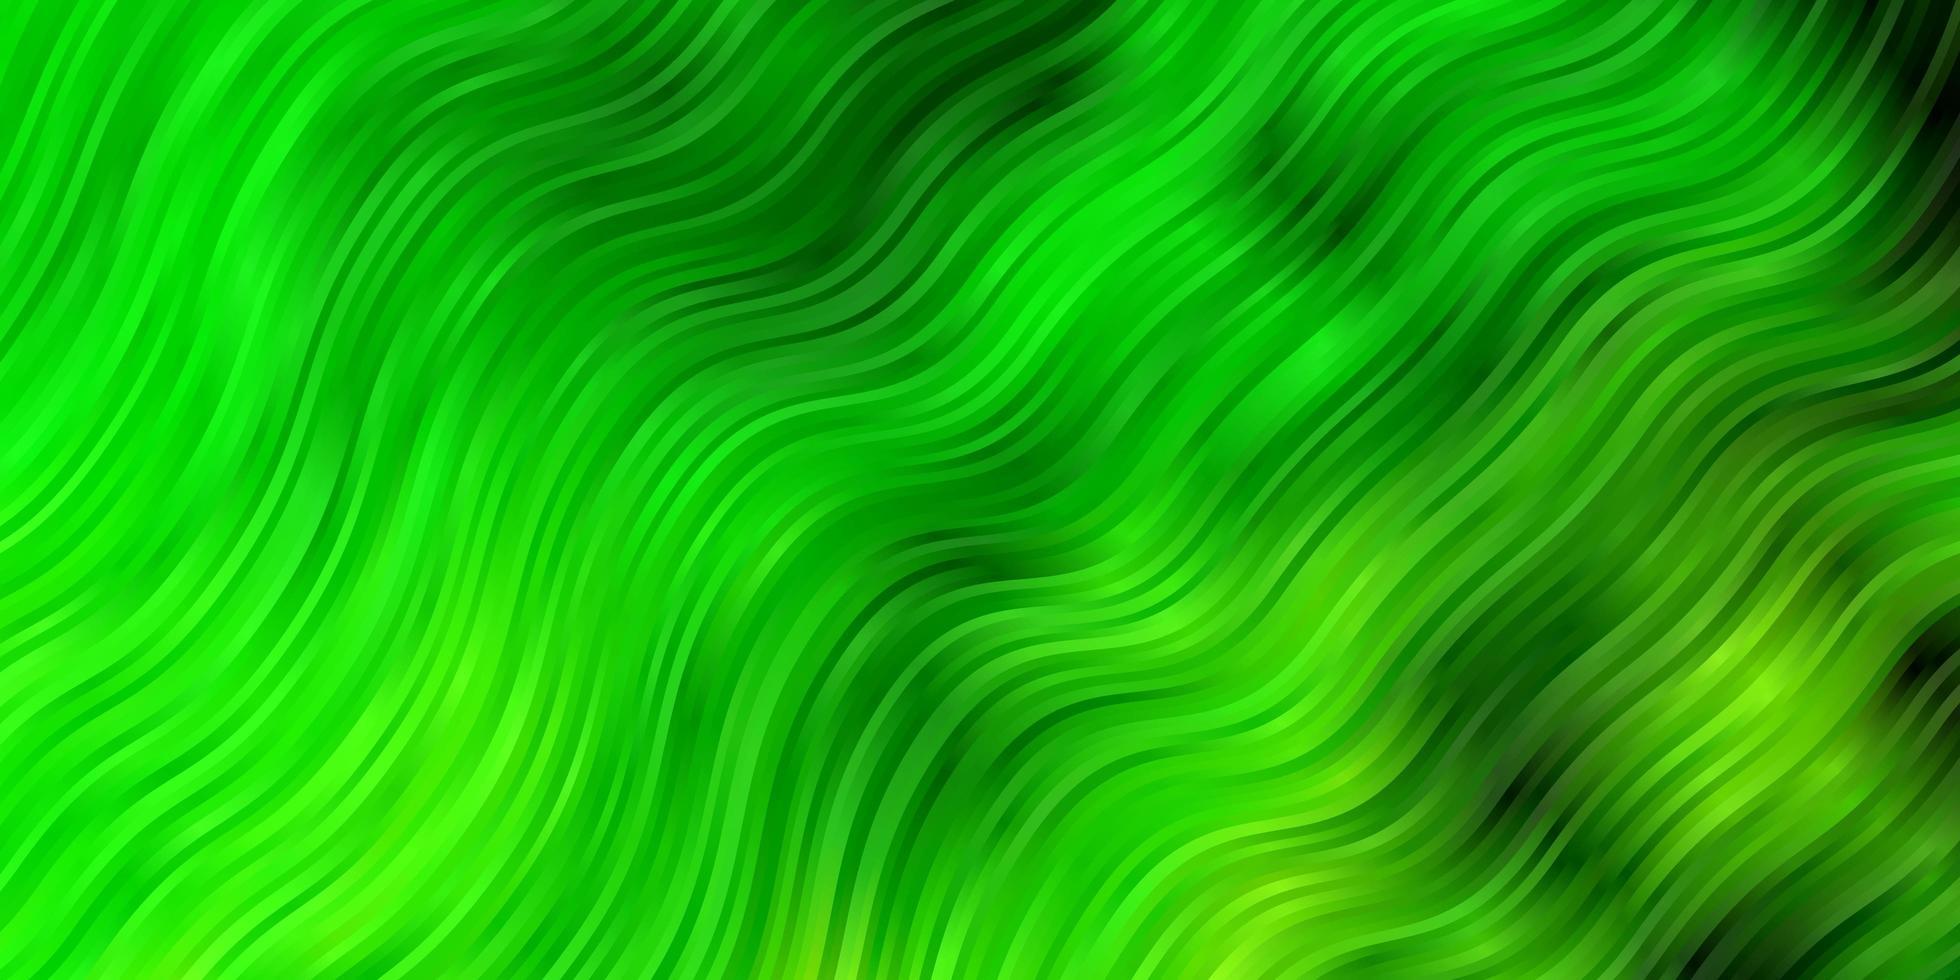 hellgrüner Hintergrund mit Bögen. vektor